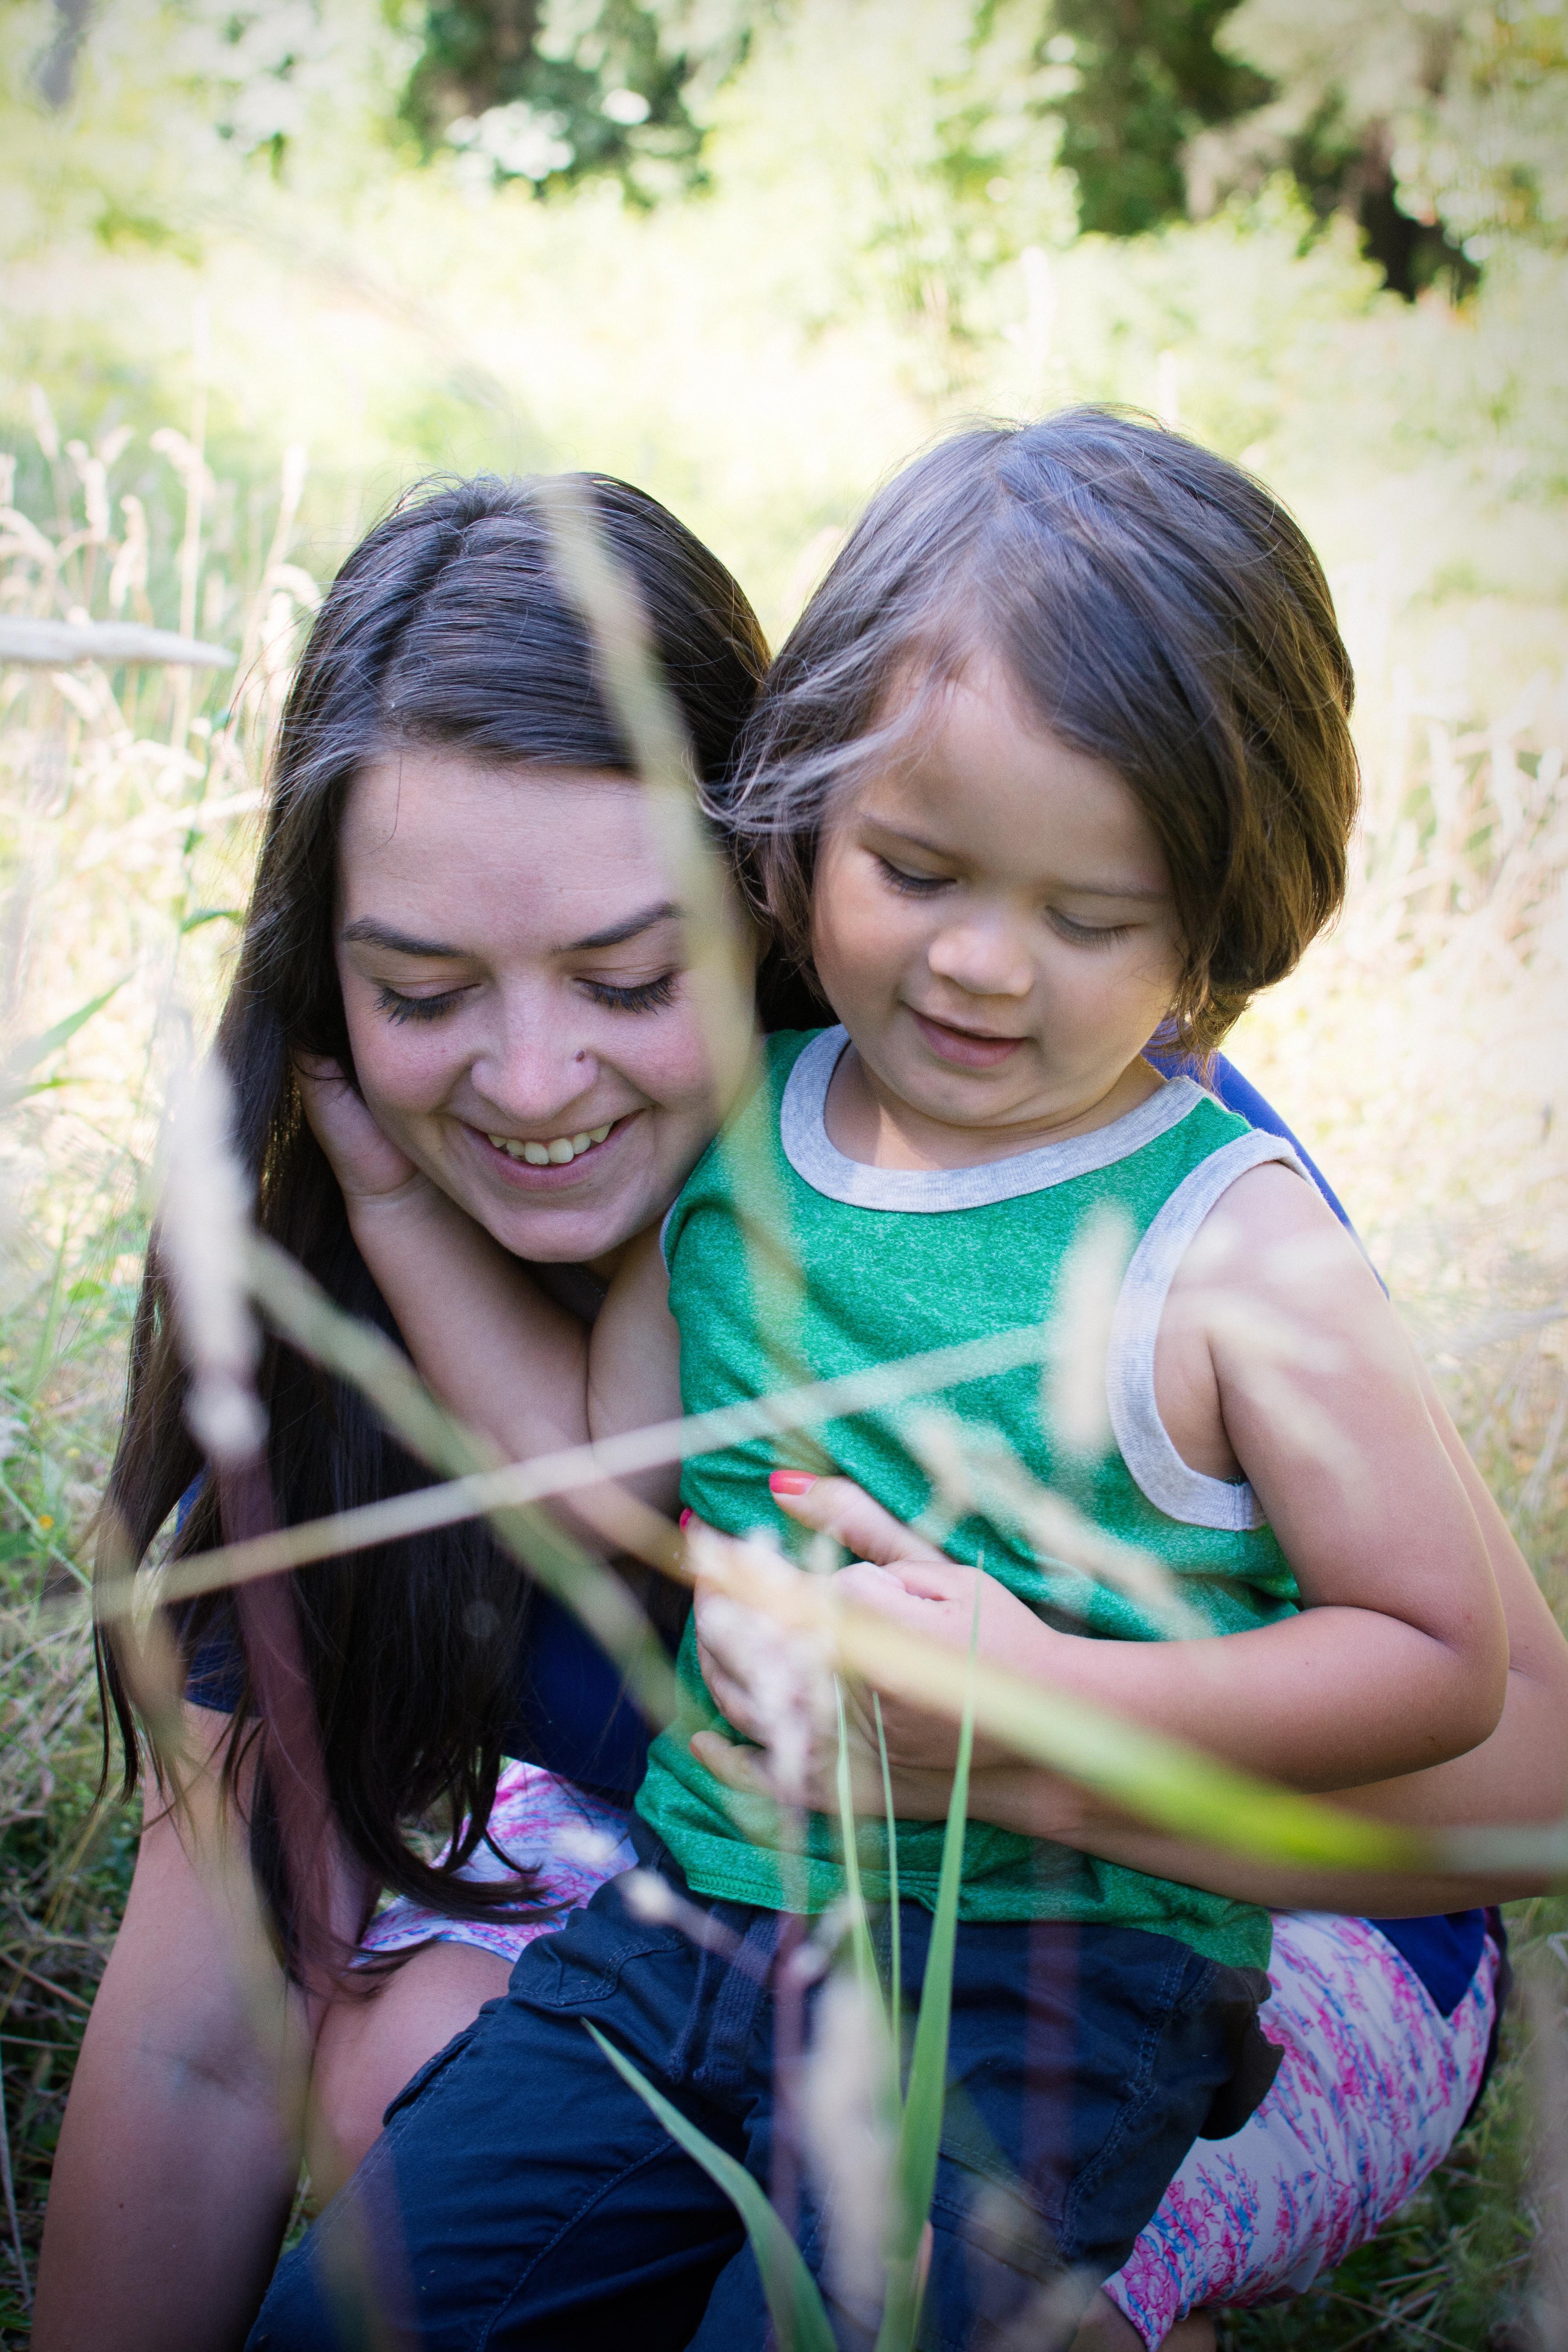 seward park family photoshoot